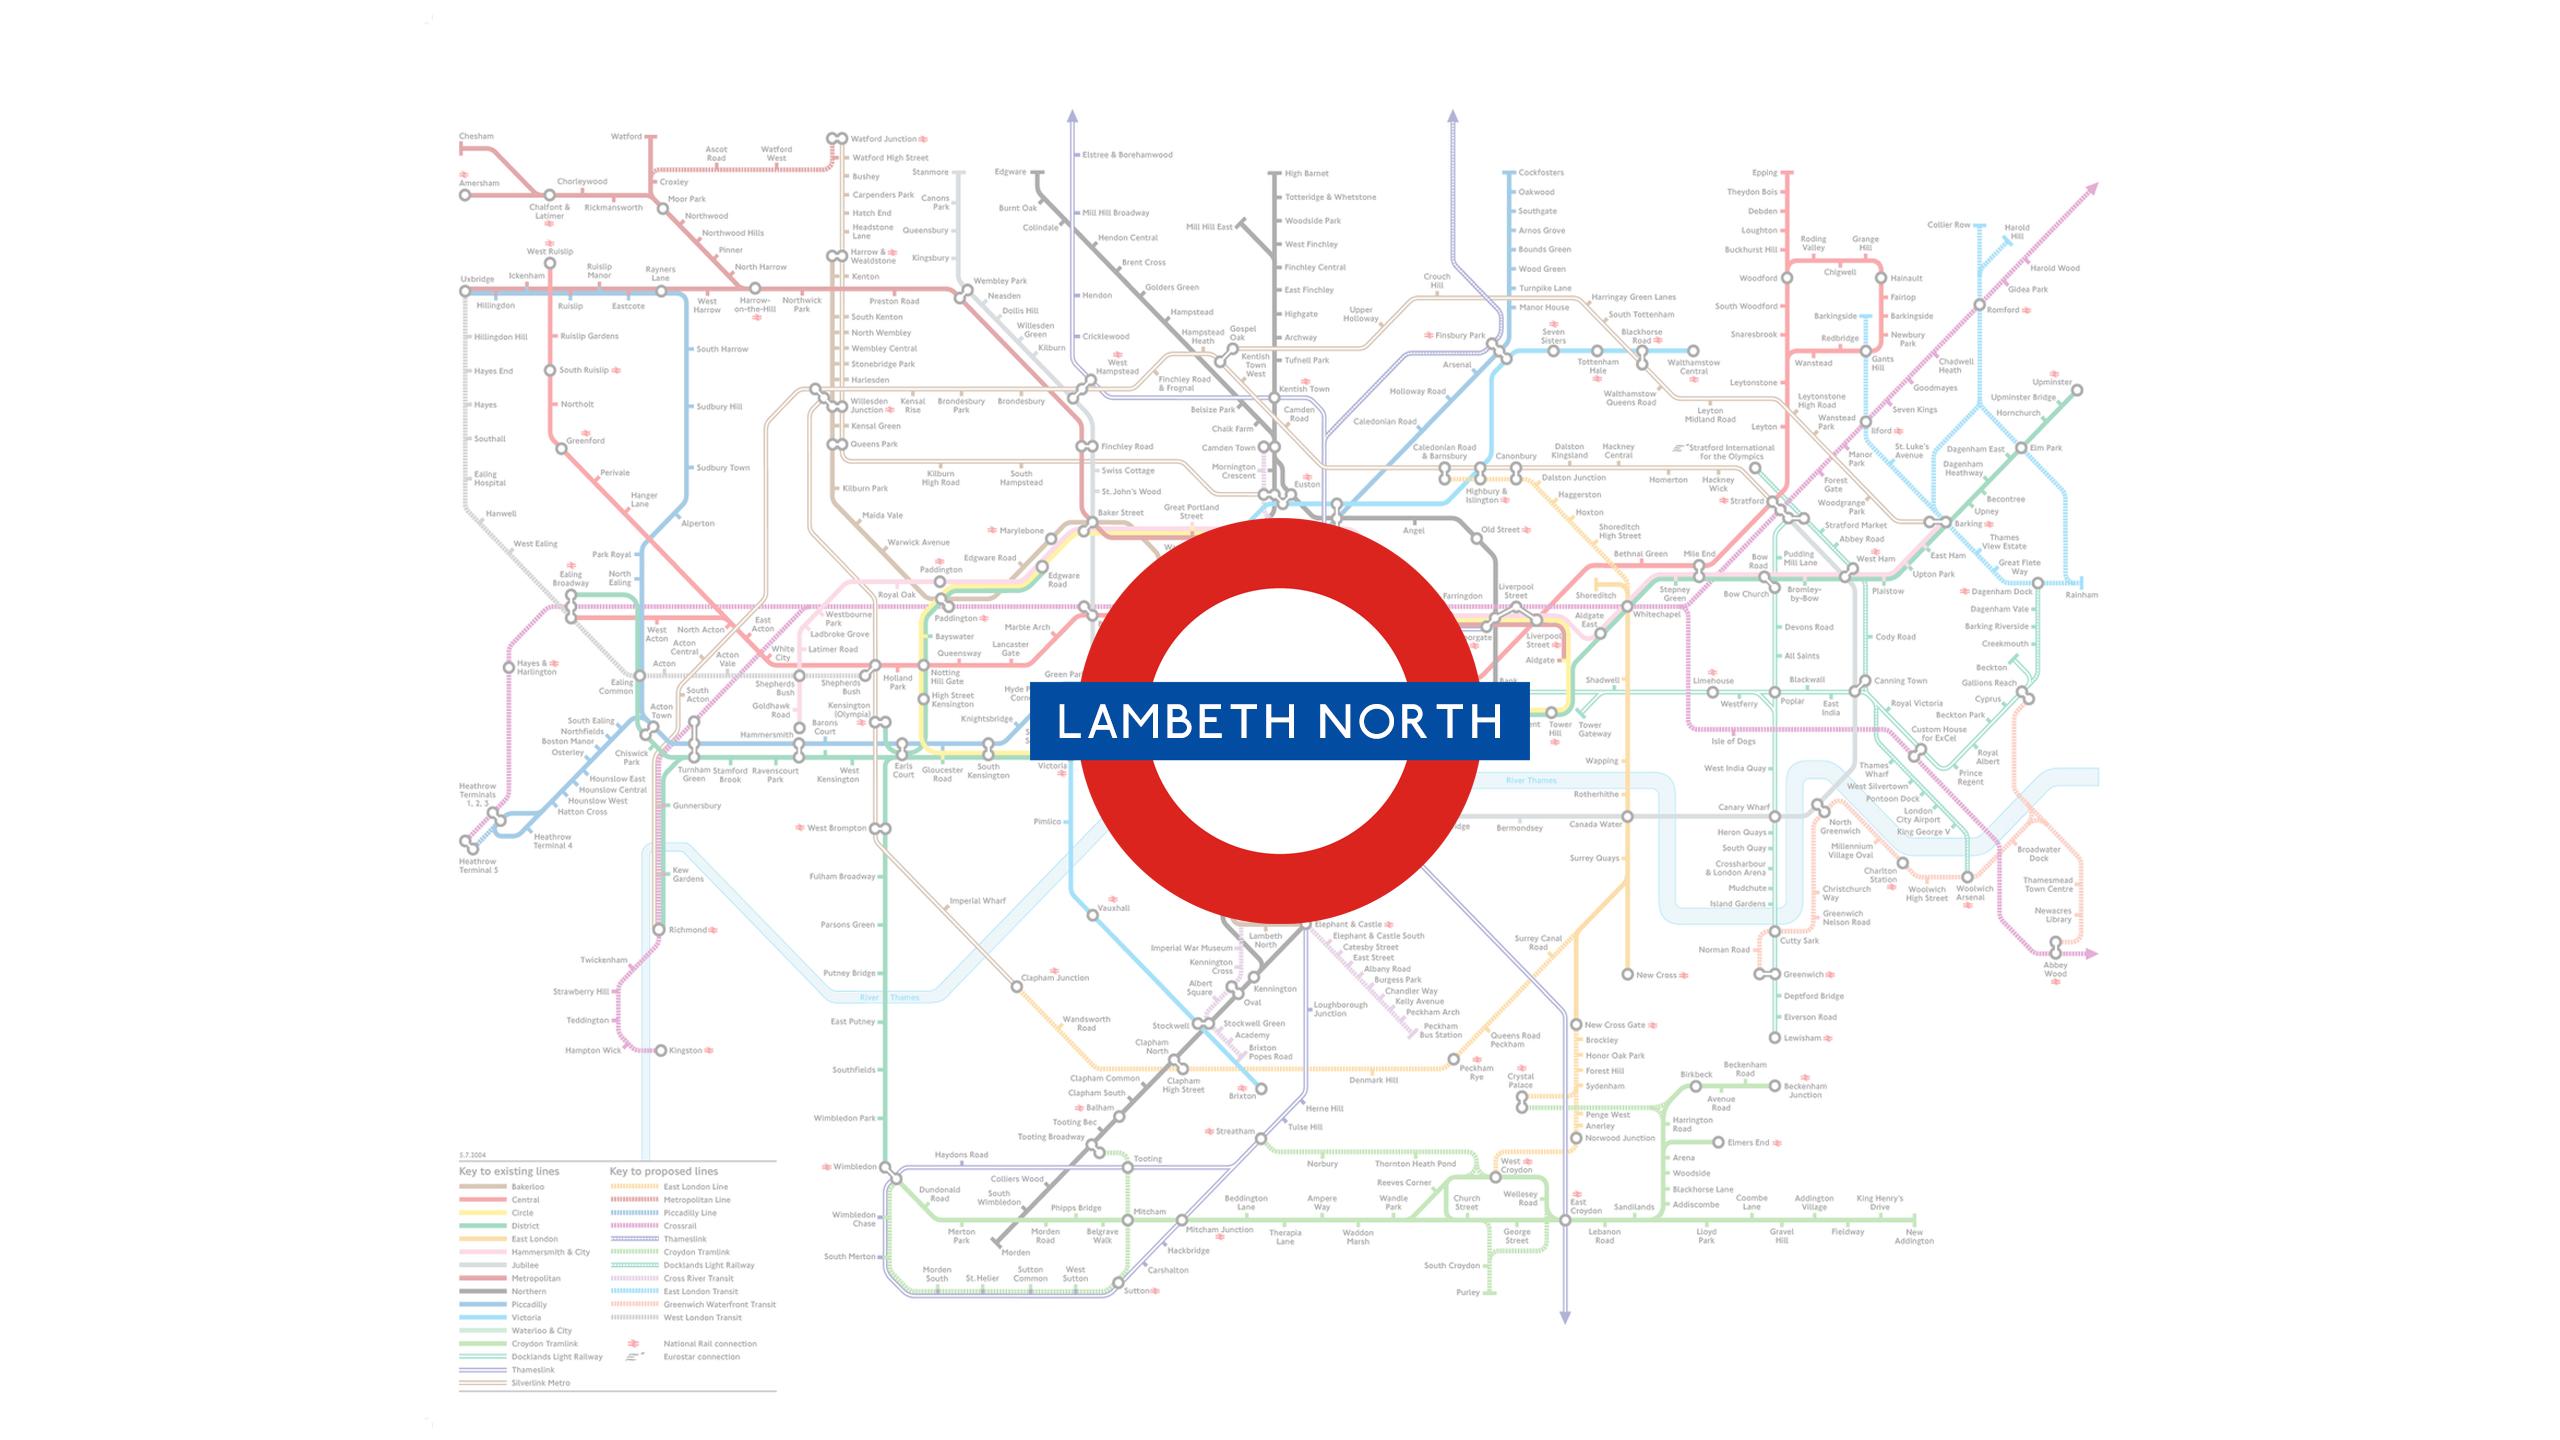 Lambeth North (Map)